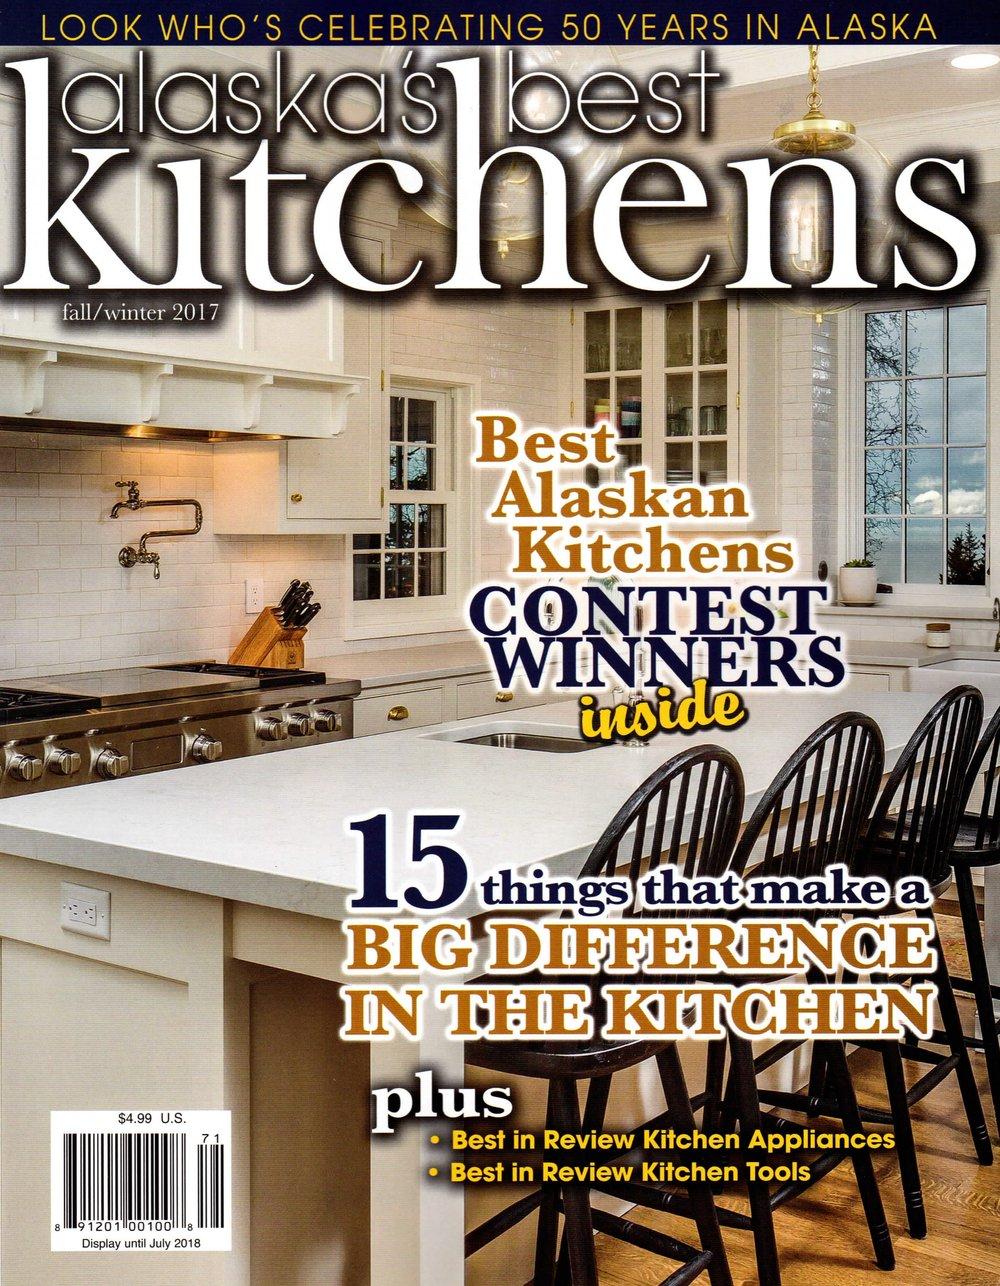 Alaskas Best Kitchens.jpg